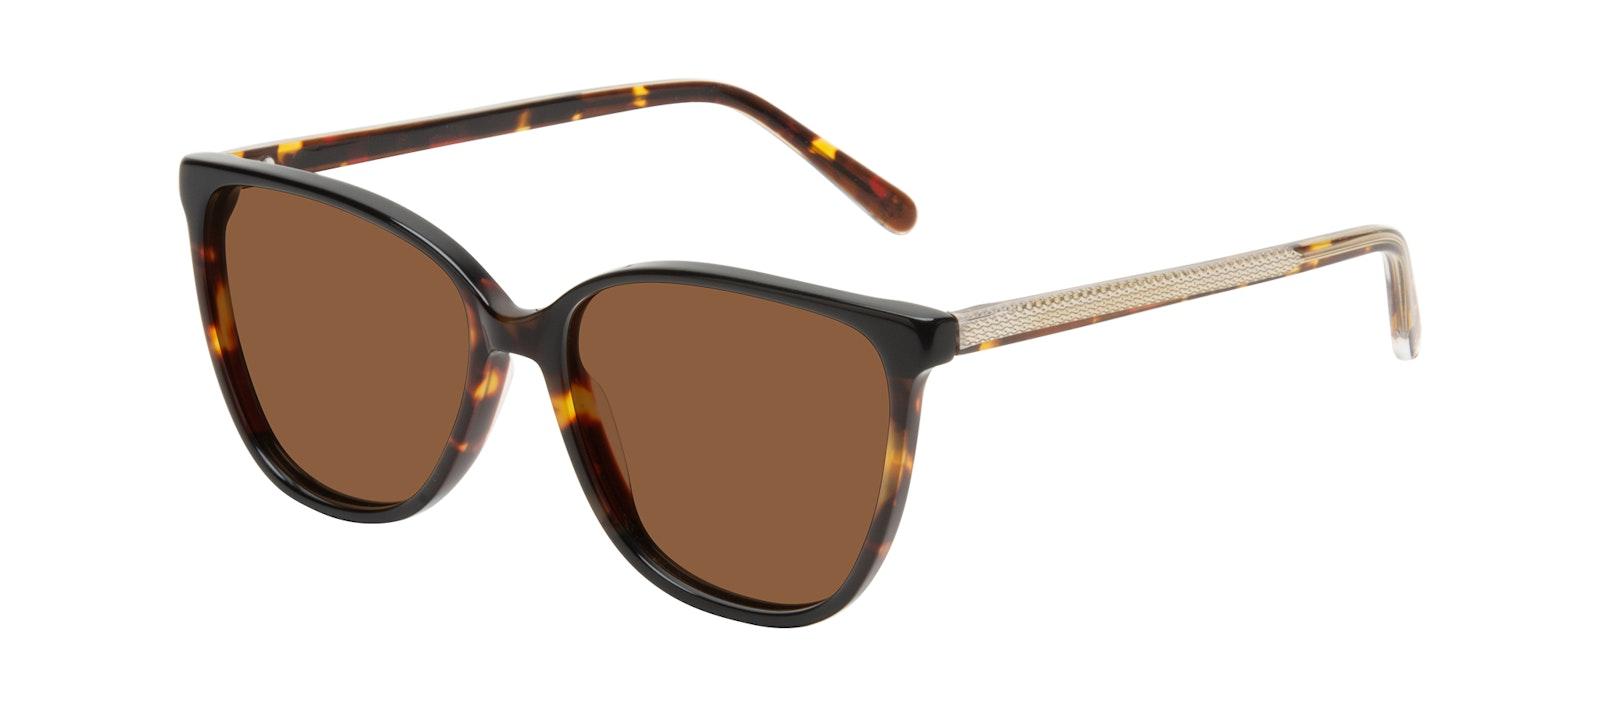 Affordable Fashion Glasses Square Sunglasses Women Flora Tundra Tilt